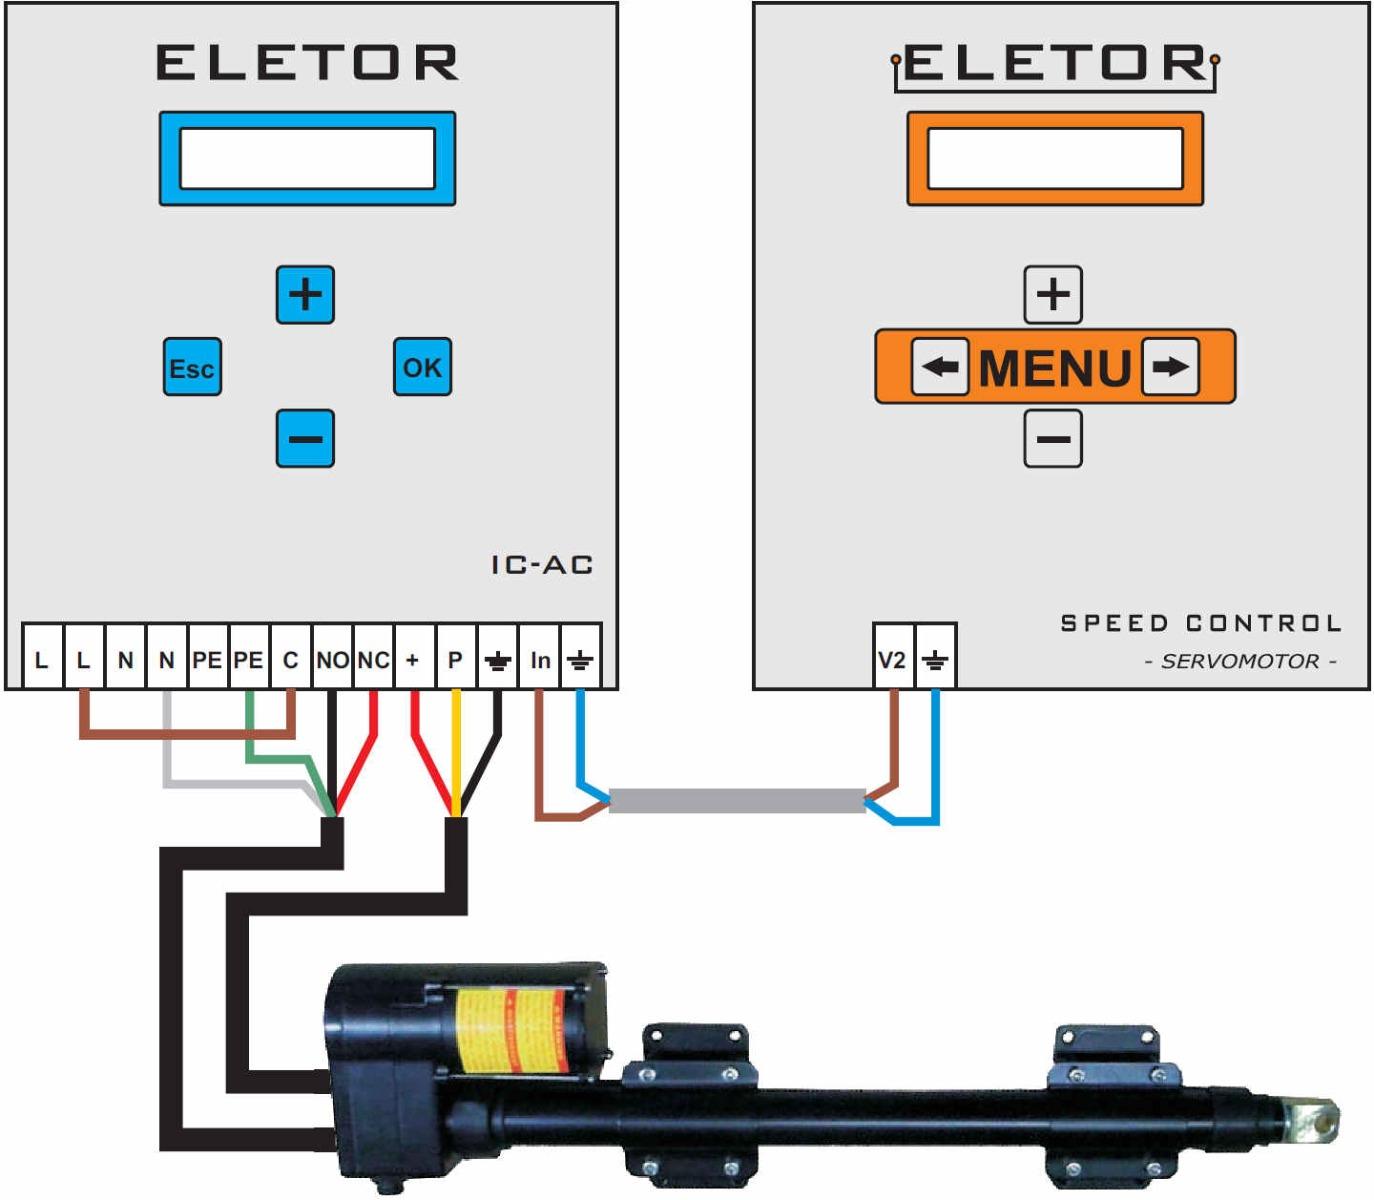 Połączenie regulatora wlotów powietrza z siłownikiem liniowym i sterownikiem wentylacji